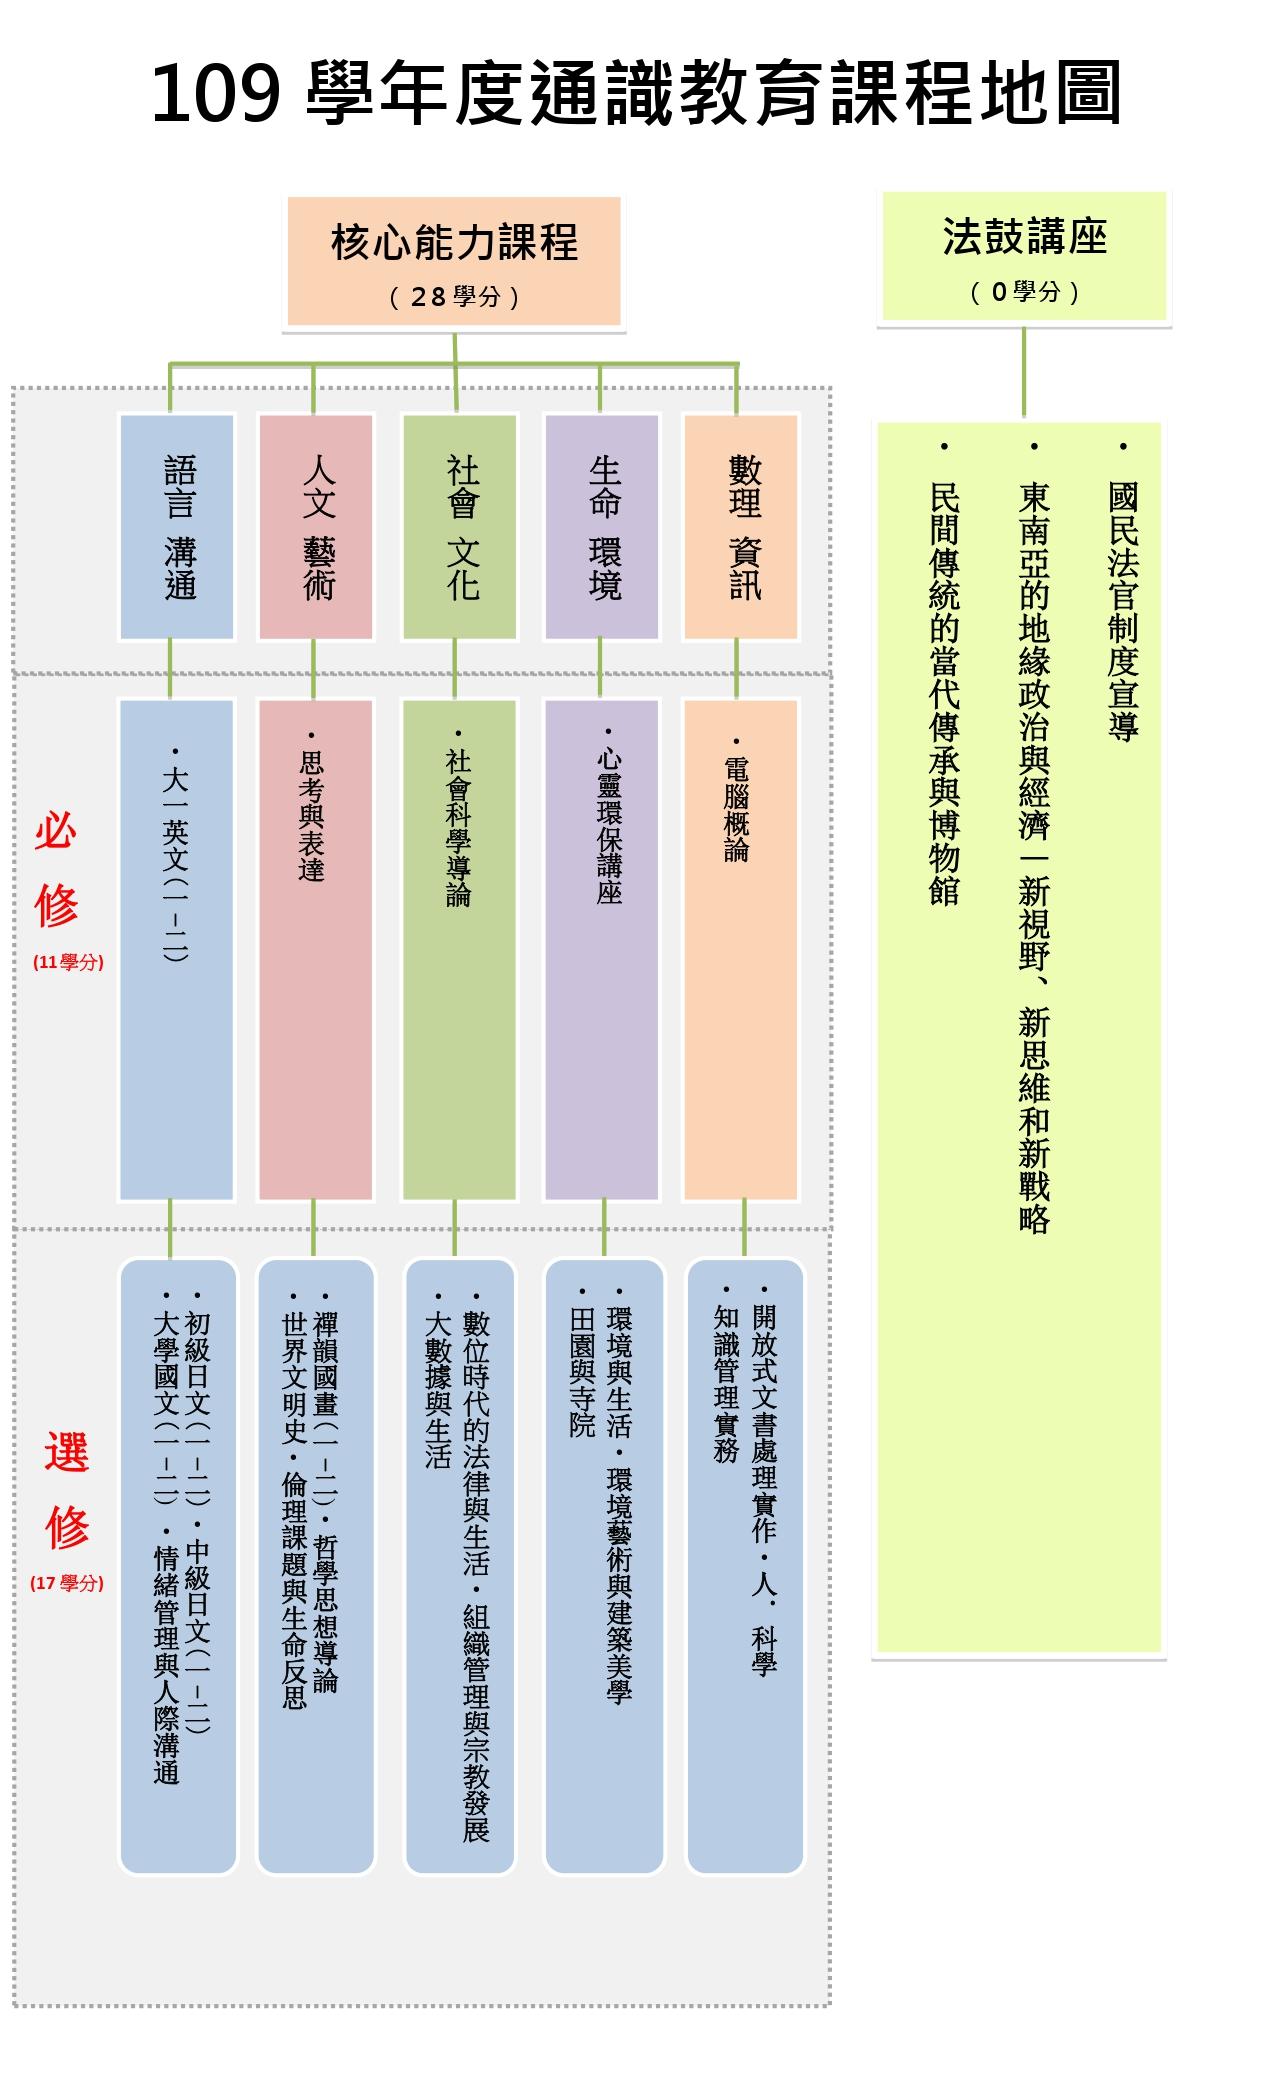 109通識教育課程地圖